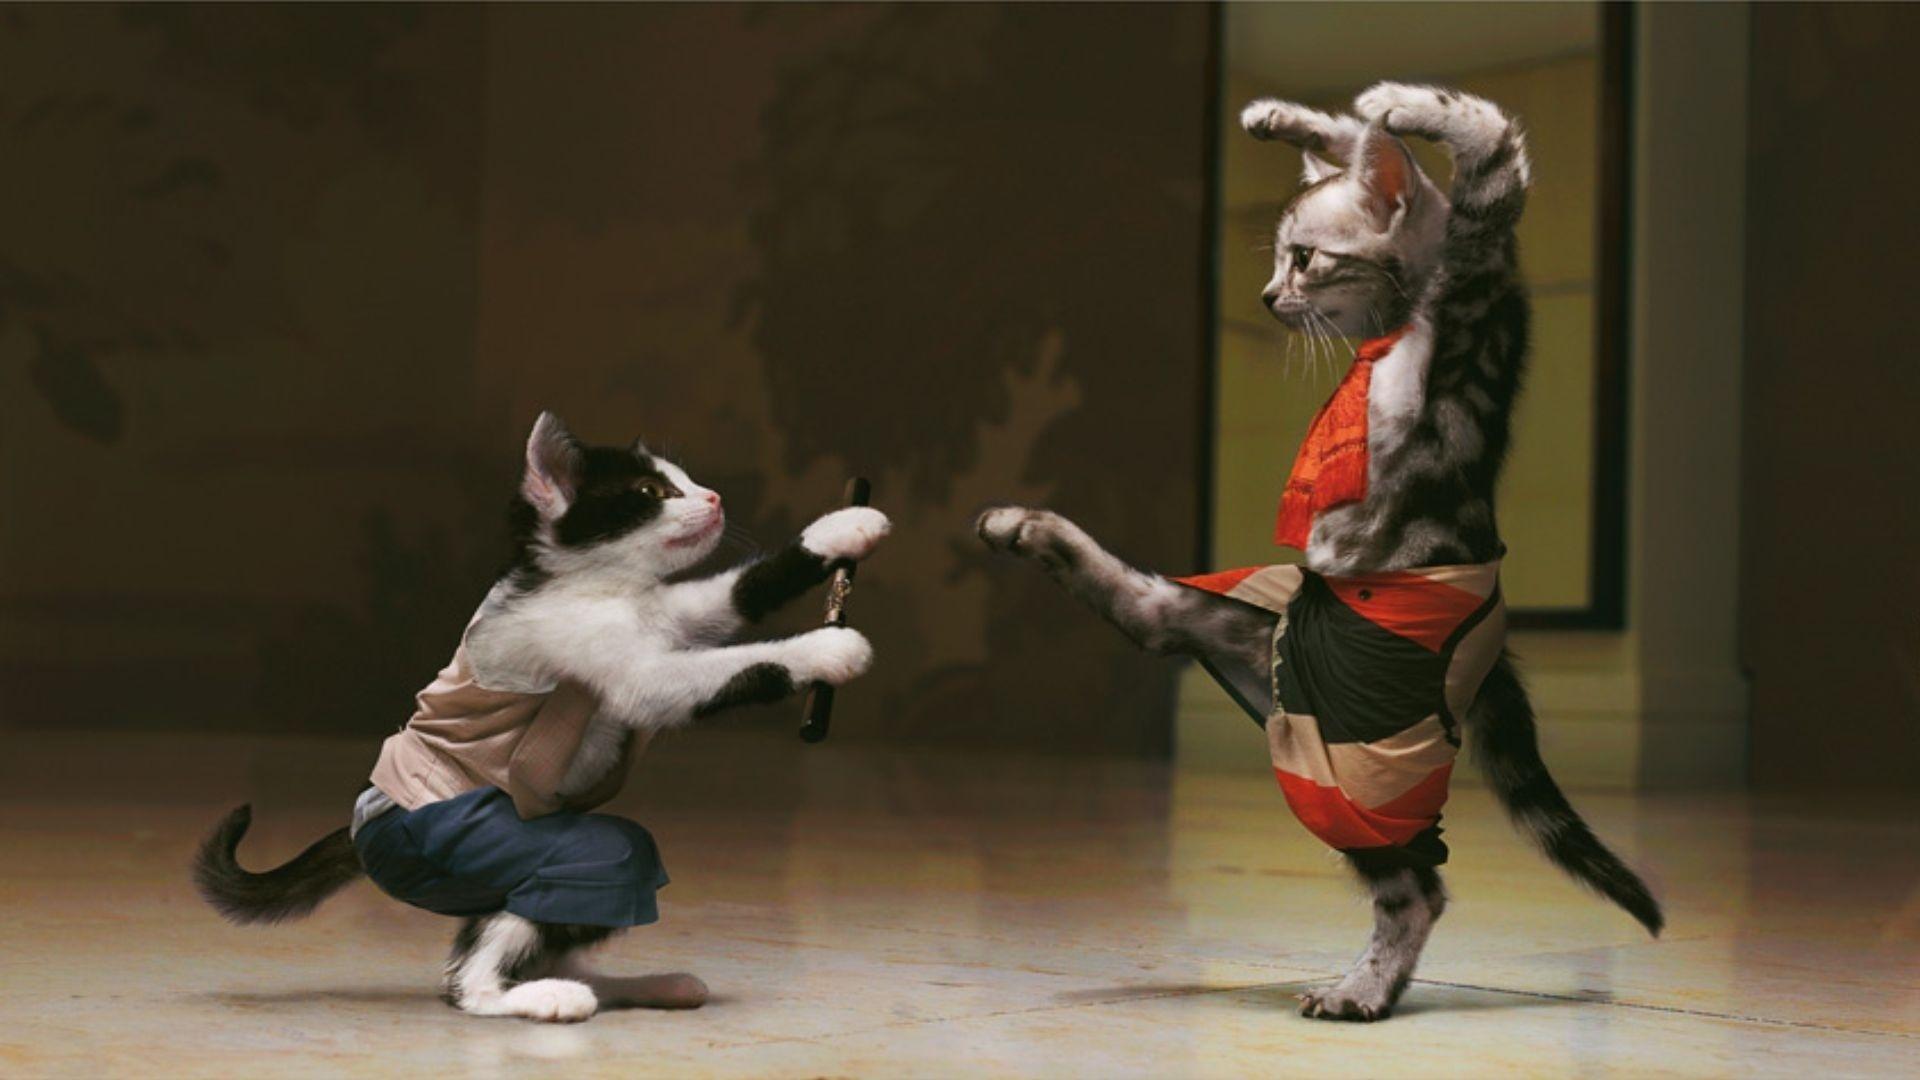 Теги: боевое, кунг-фу, котов. Обои на различные темы, качественные